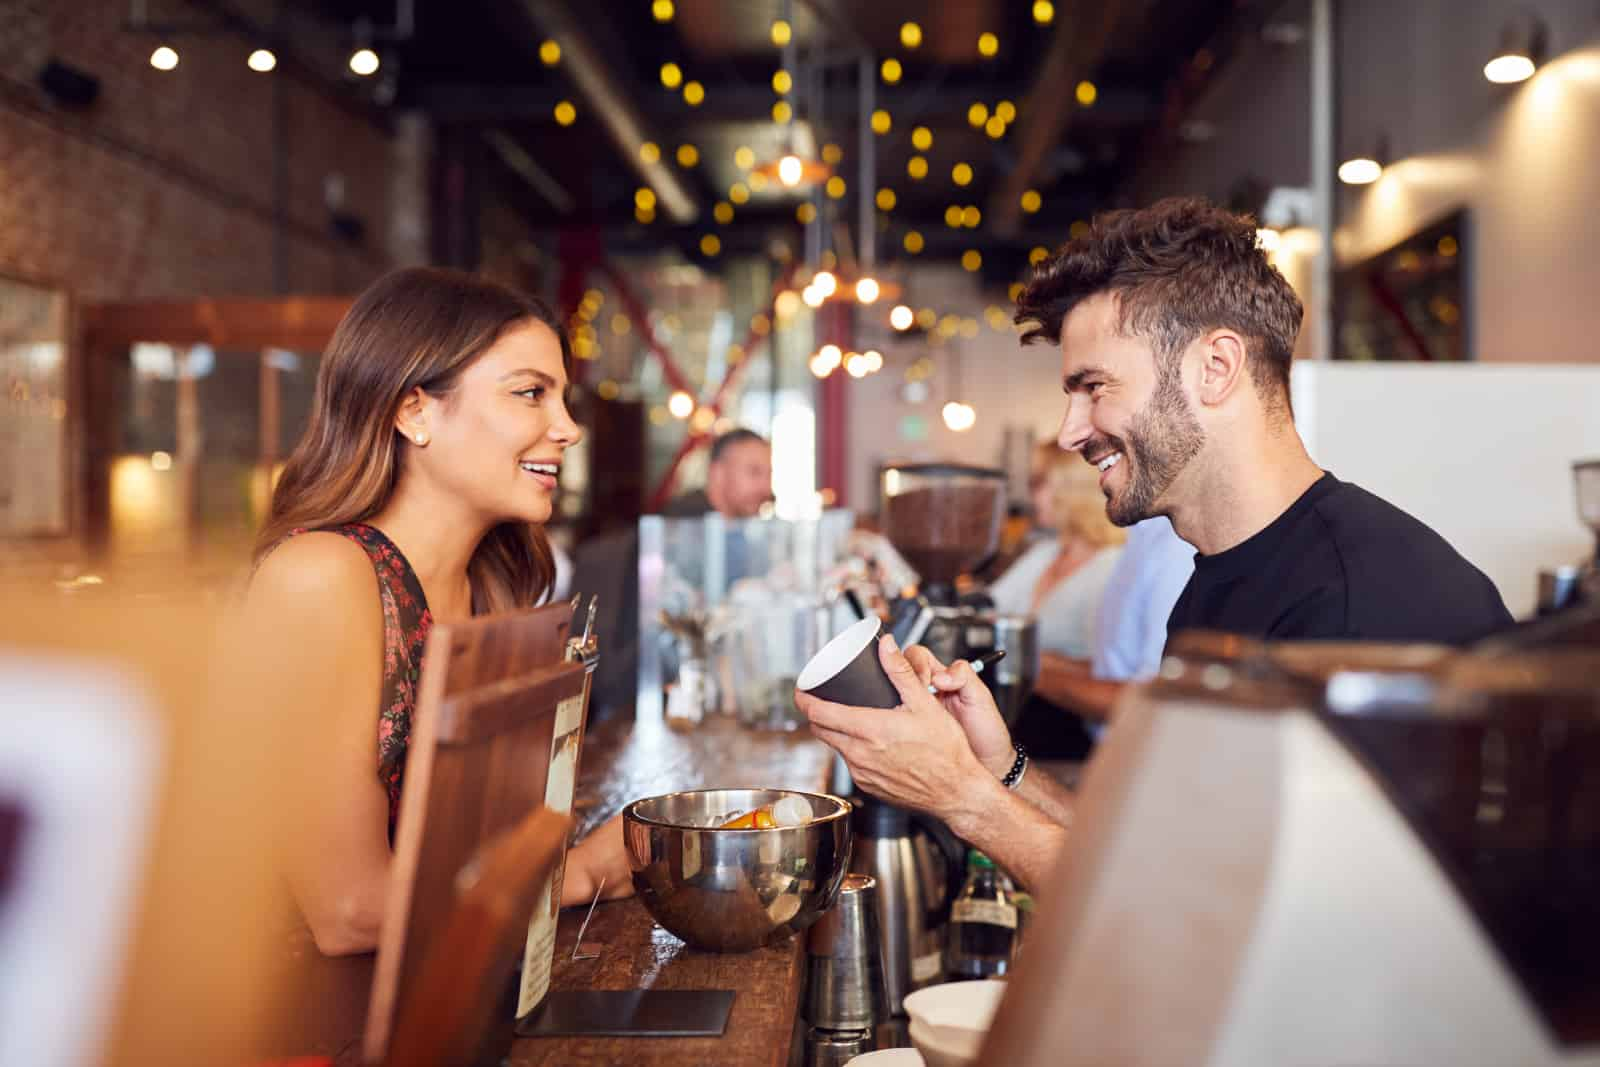 ein Mädchen, das mit einem Kellner flirtet